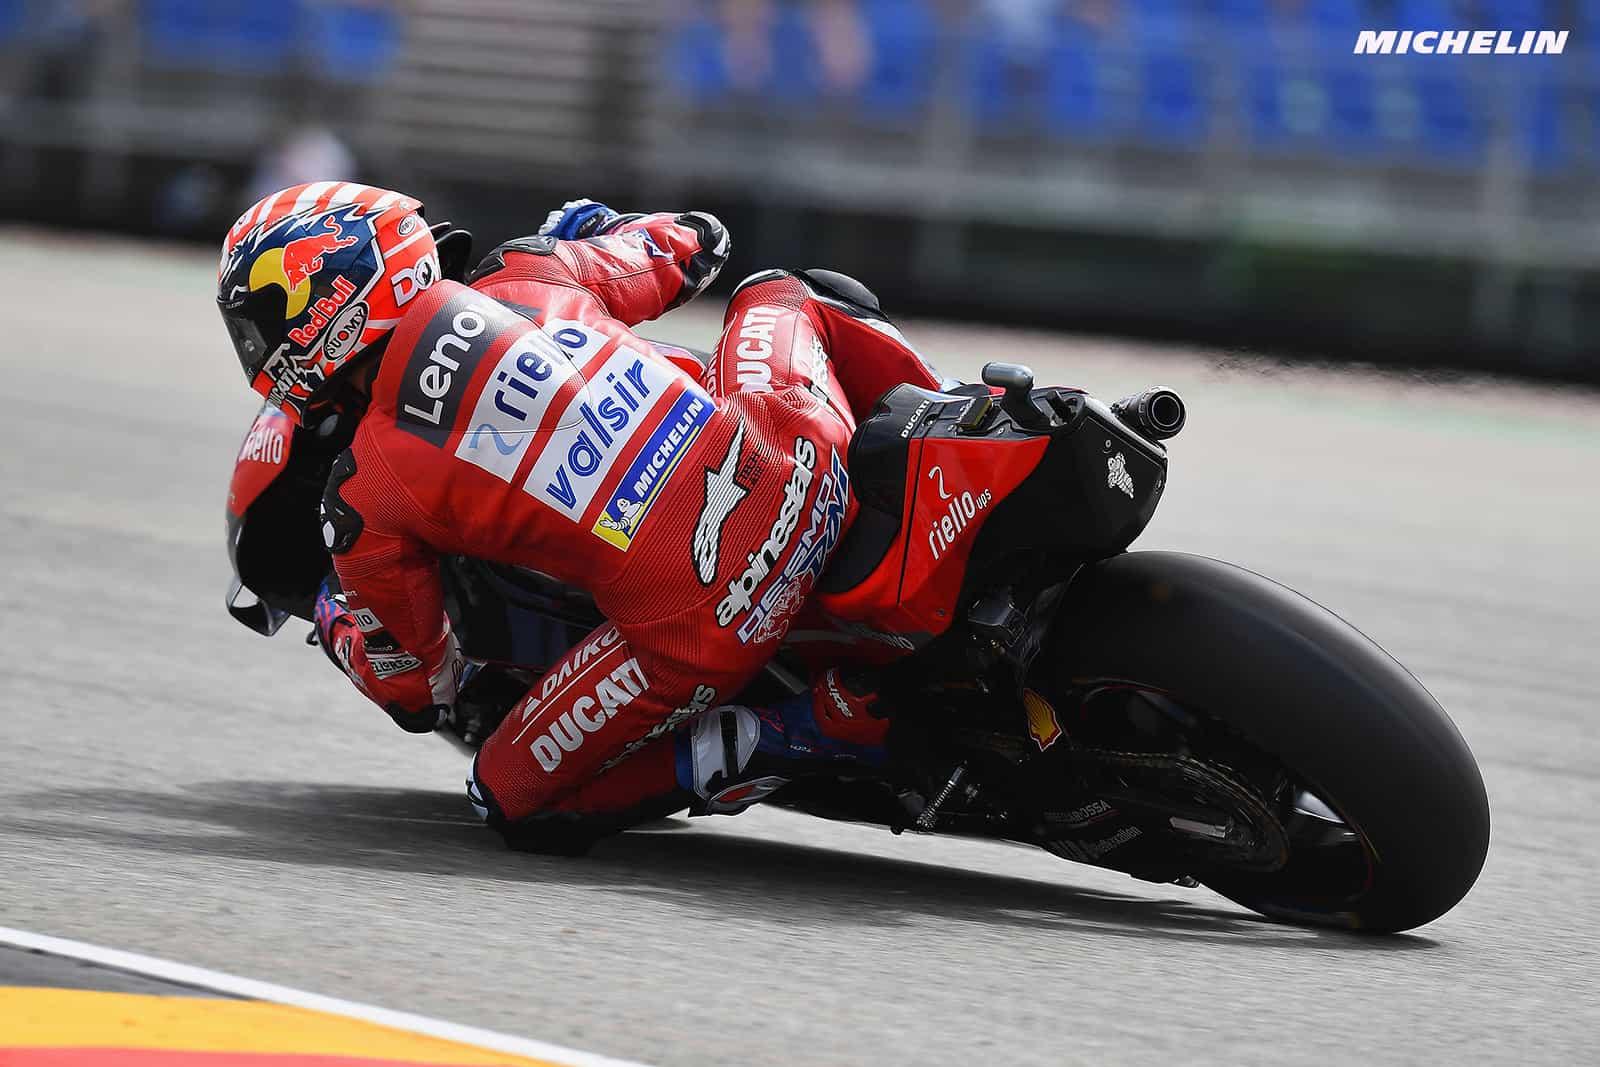 MotoGP2019ドイツGP 予選13位ドヴィツィオーゾ「諦めることはしない」